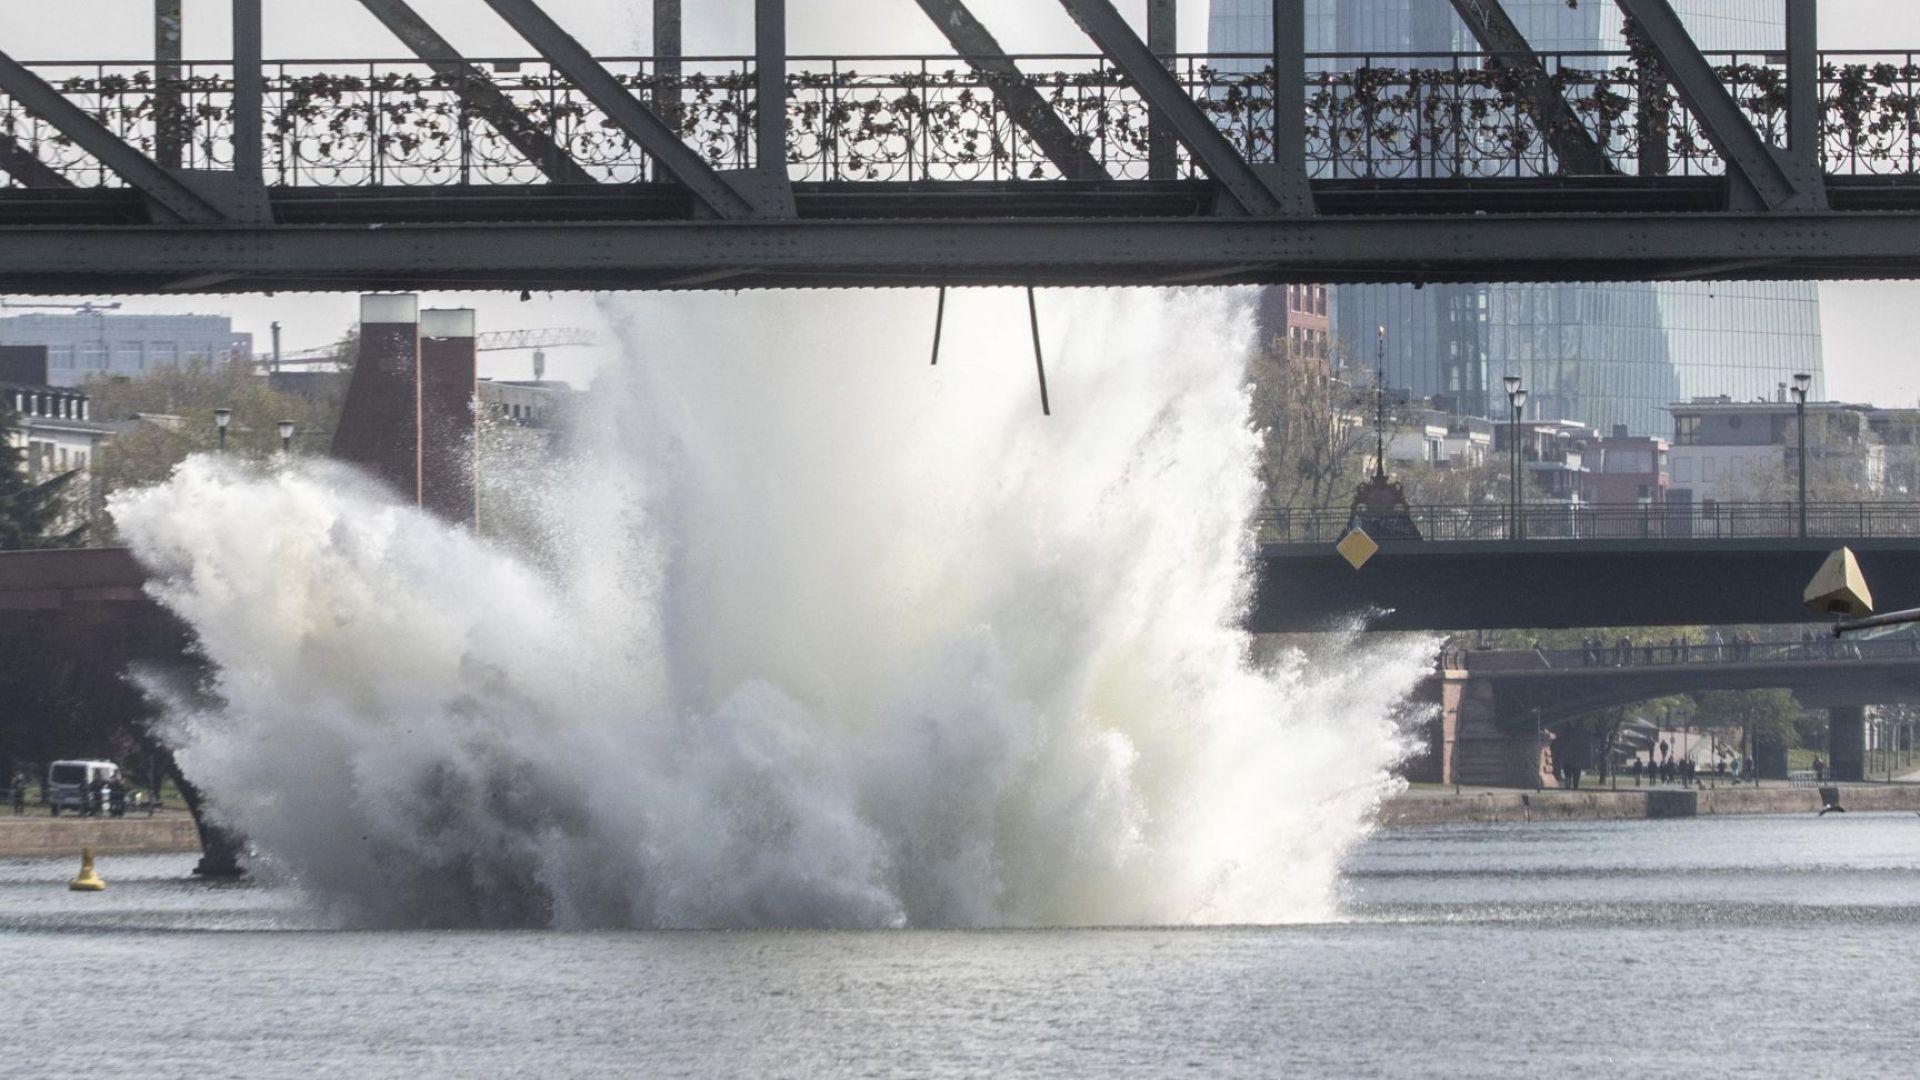 Взривиха 250-килограмова бомба в река Майн във Франкфурт (видео)